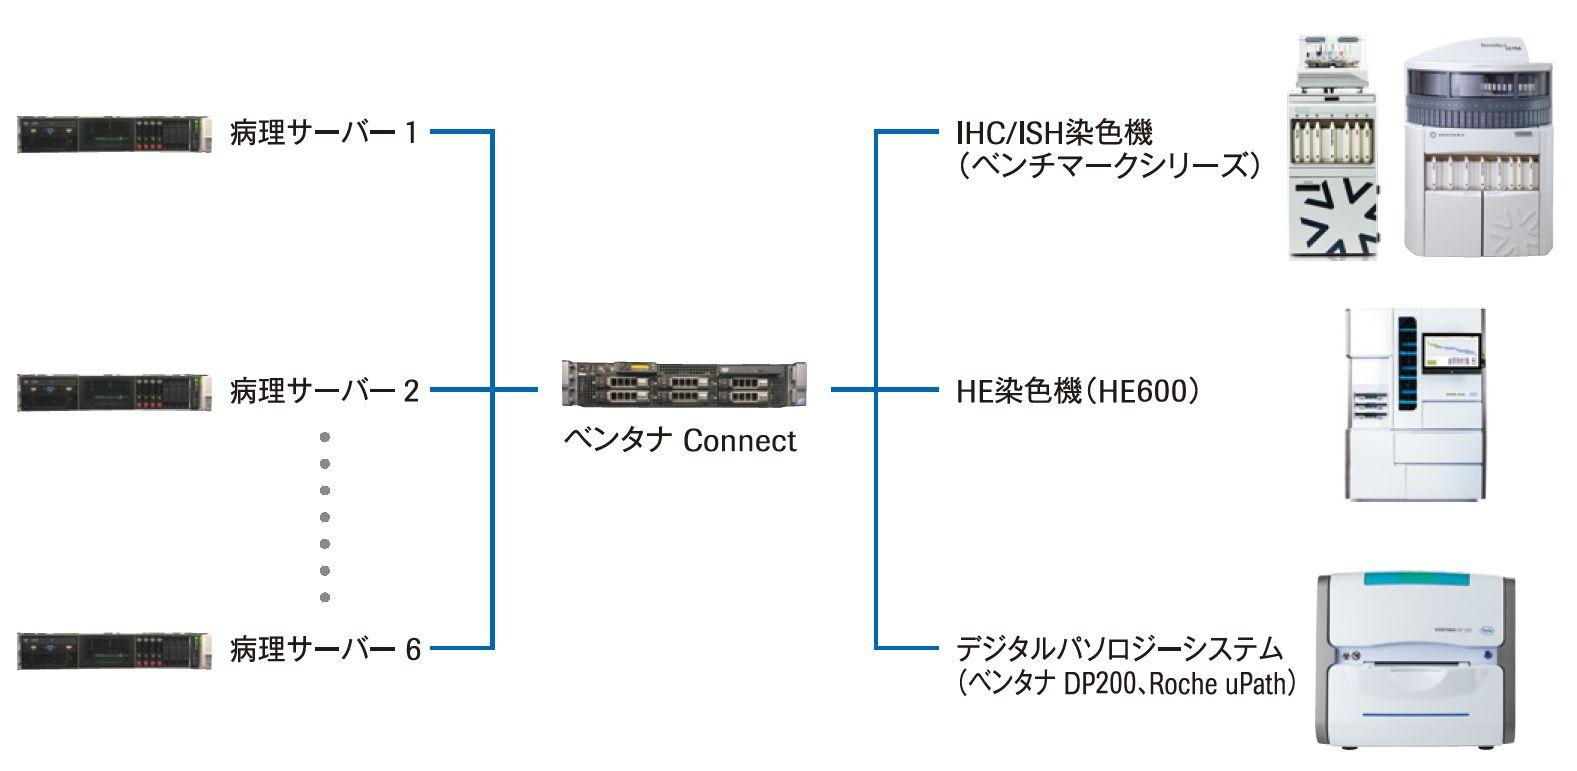 ベンタナ Connect 接続イメージ